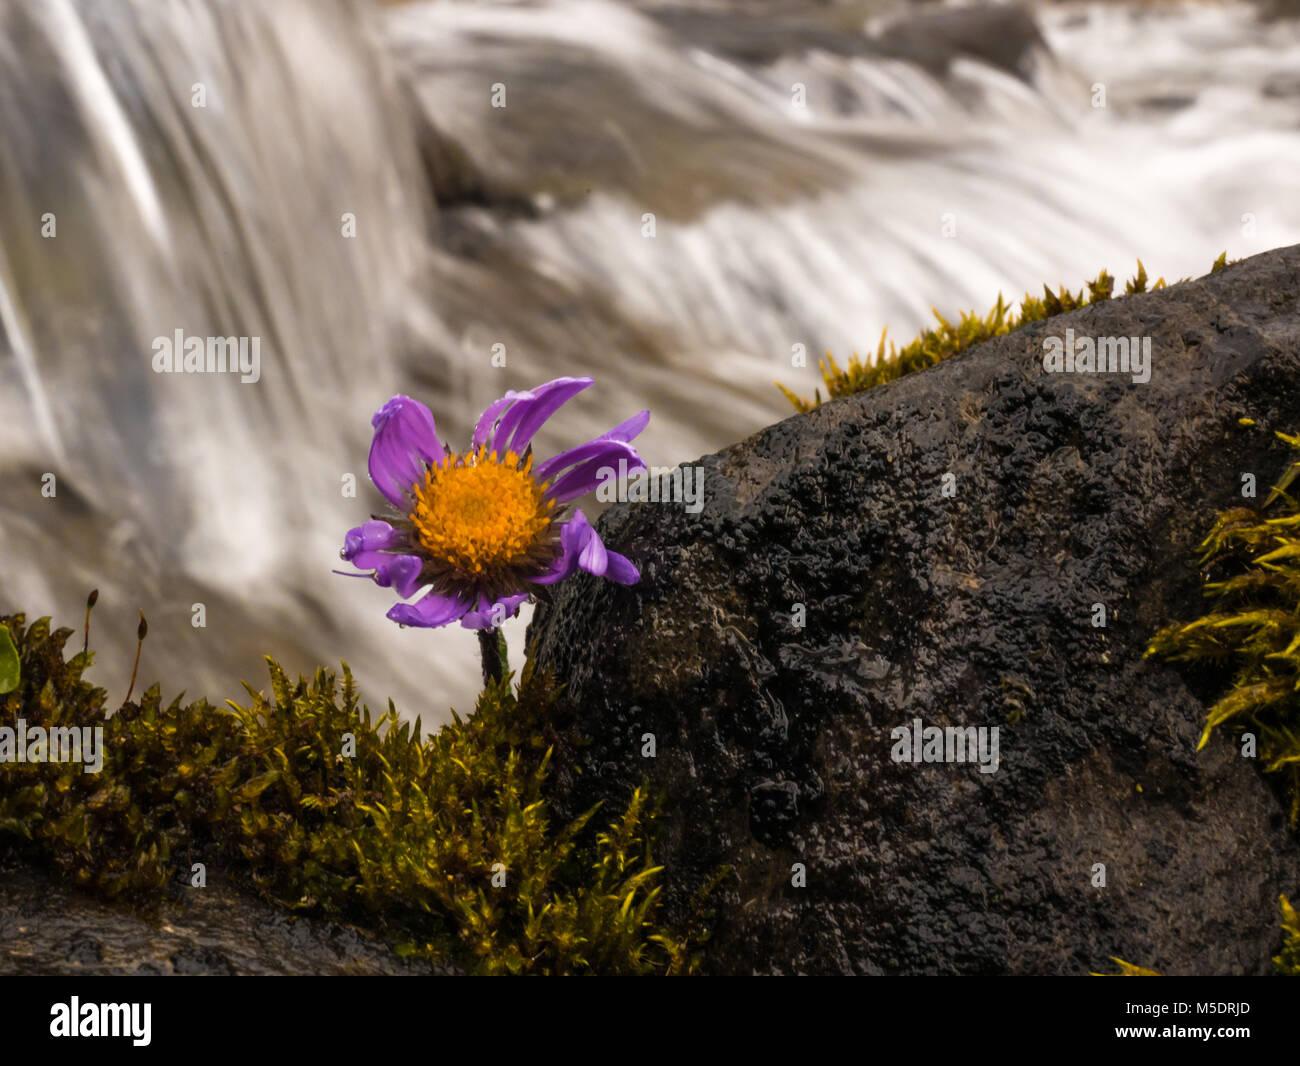 Cinese fiore accanto a un bellissimo fiume, una pietra ed erba Immagini Stock